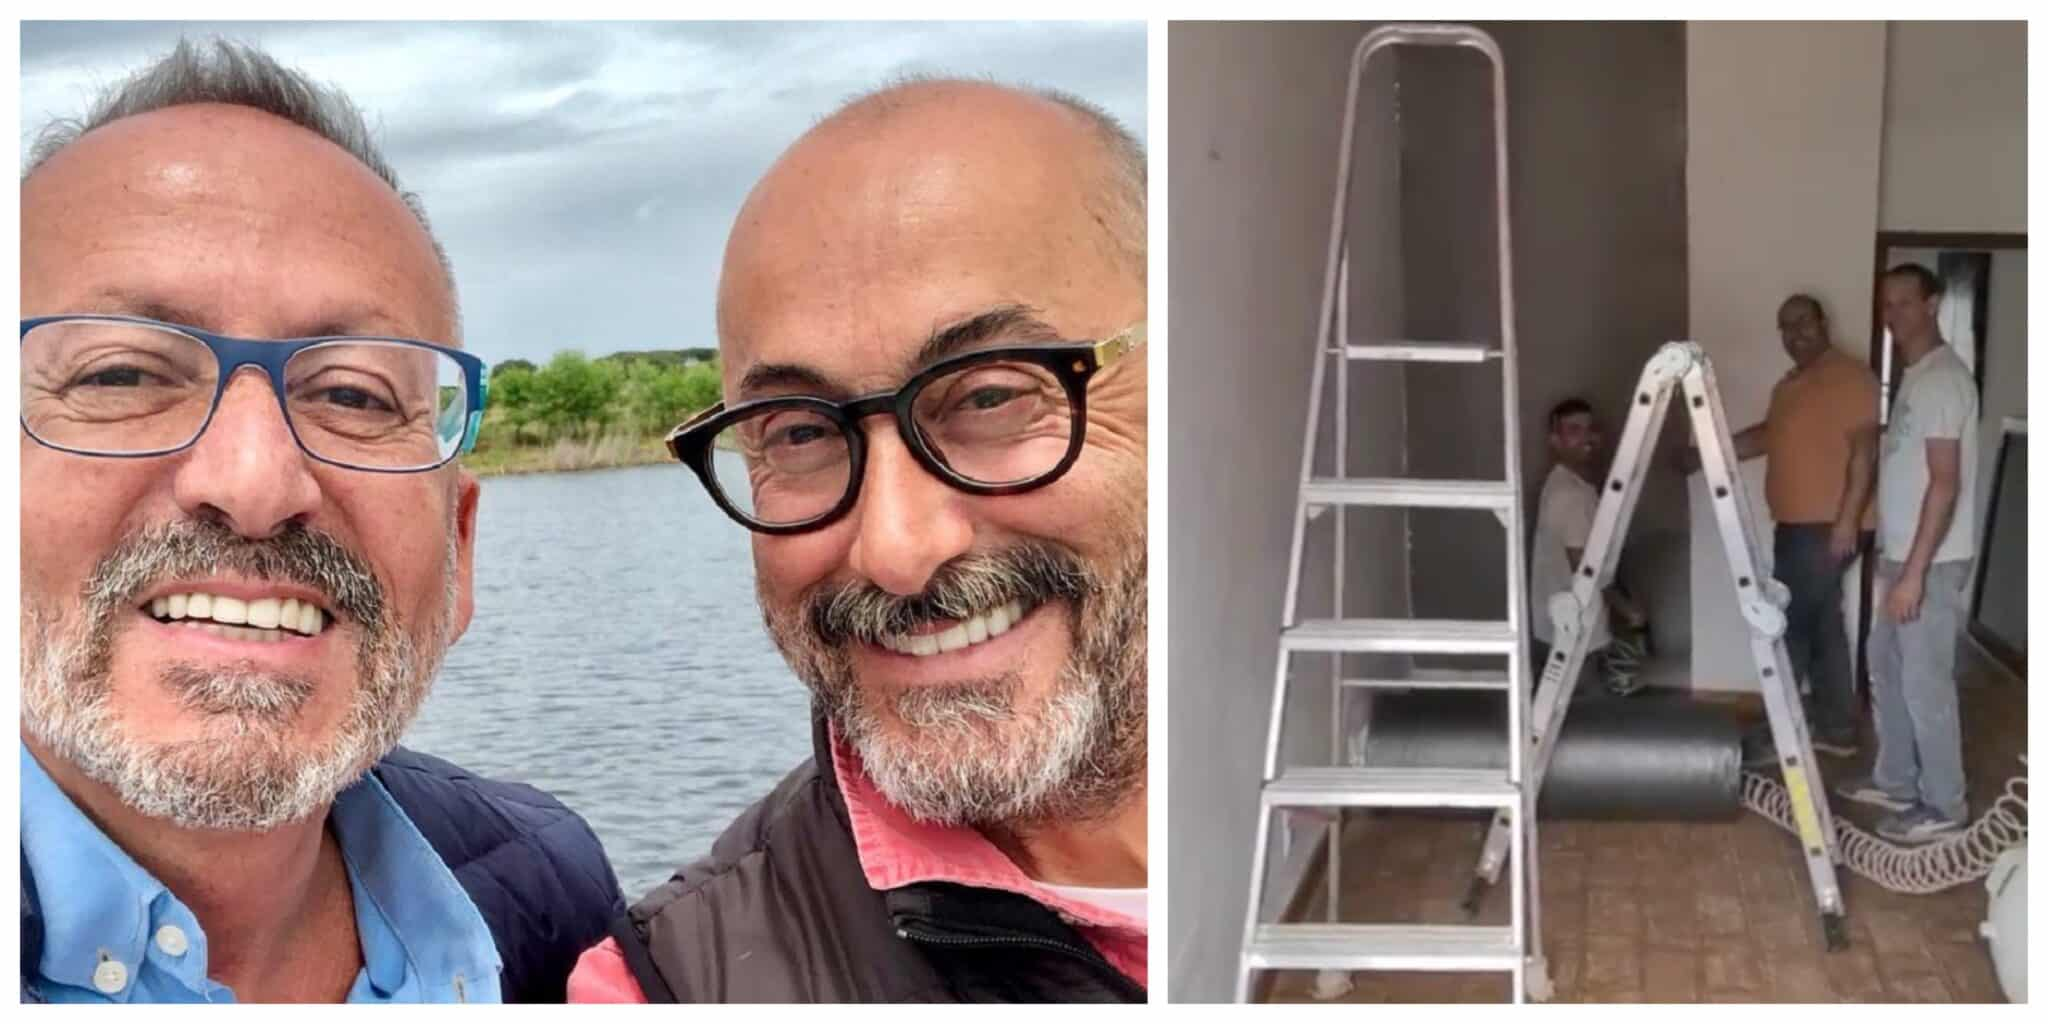 Goucha Rui Oliveira Obras Scaled Goucha Mostra Obras No Monte E É Alvo De Críticas